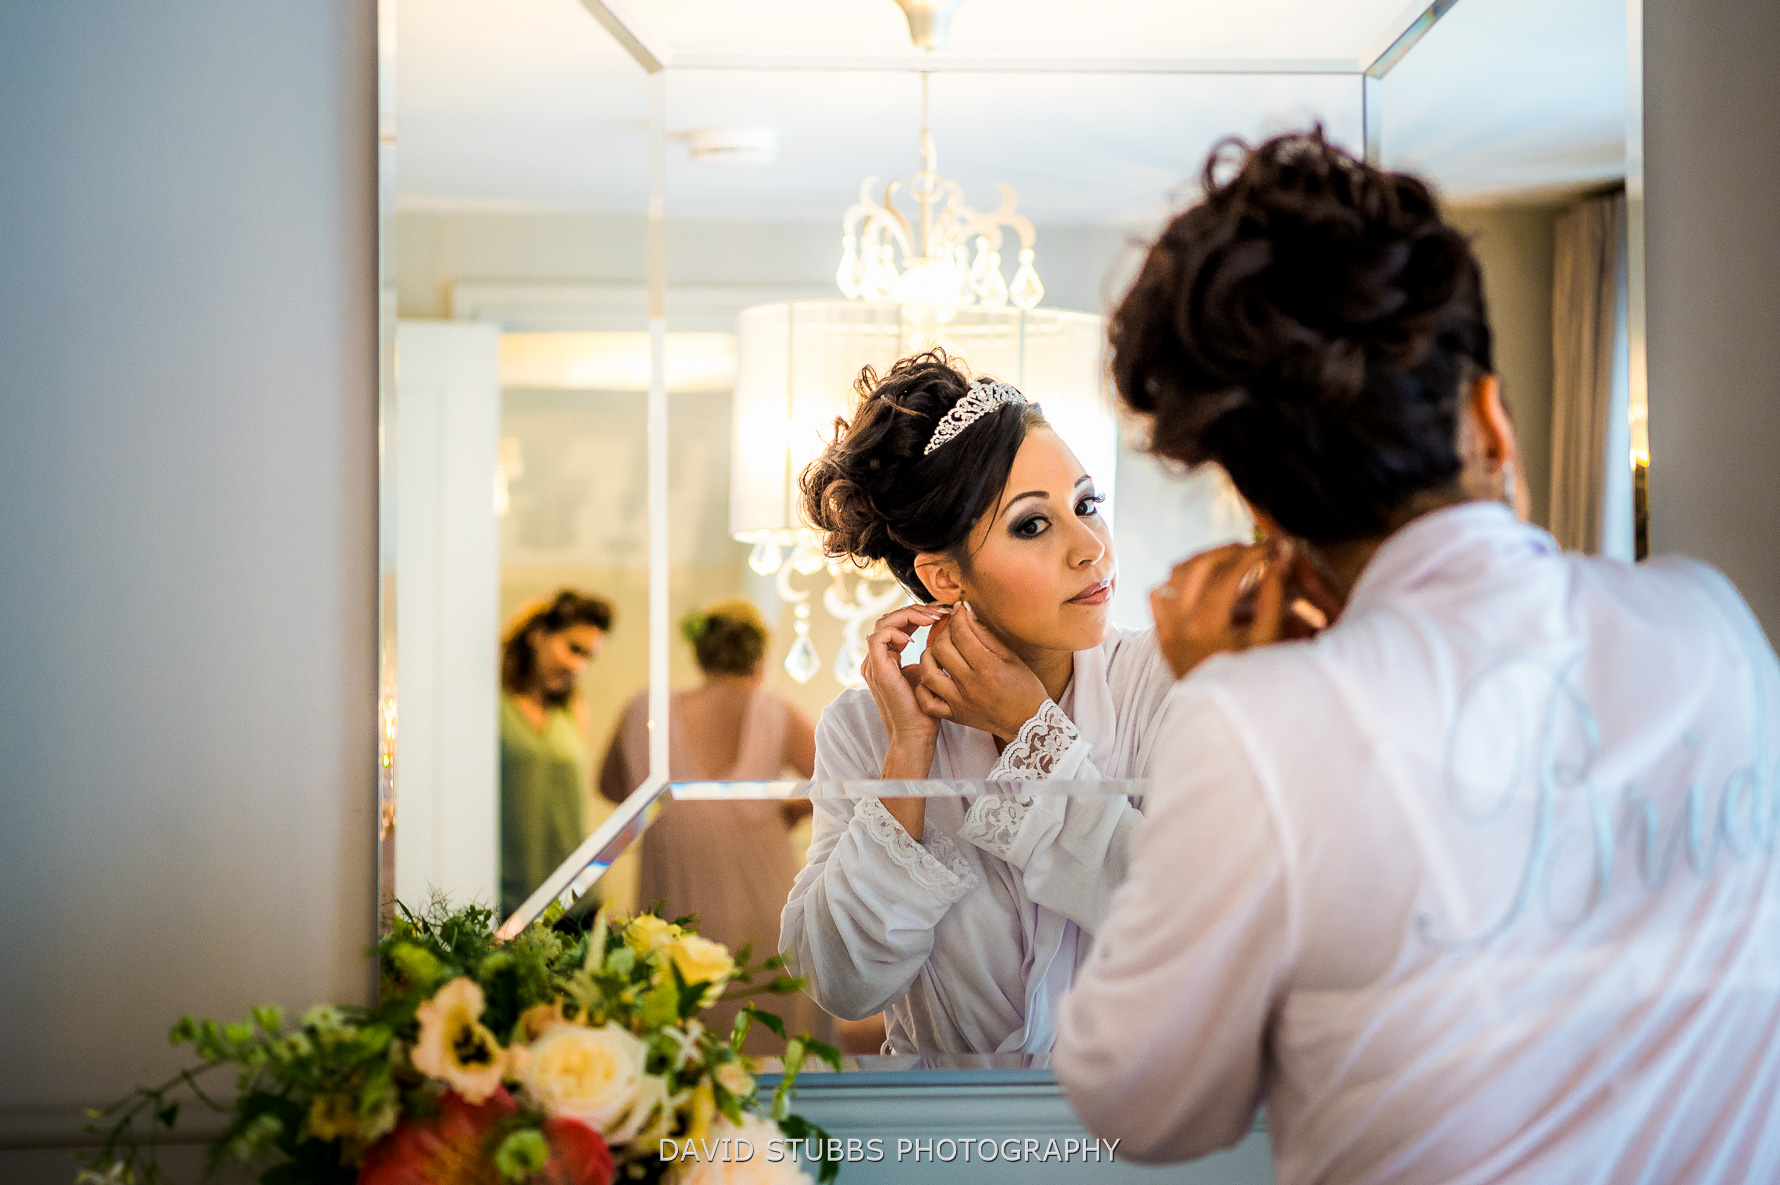 johannas wedding dress